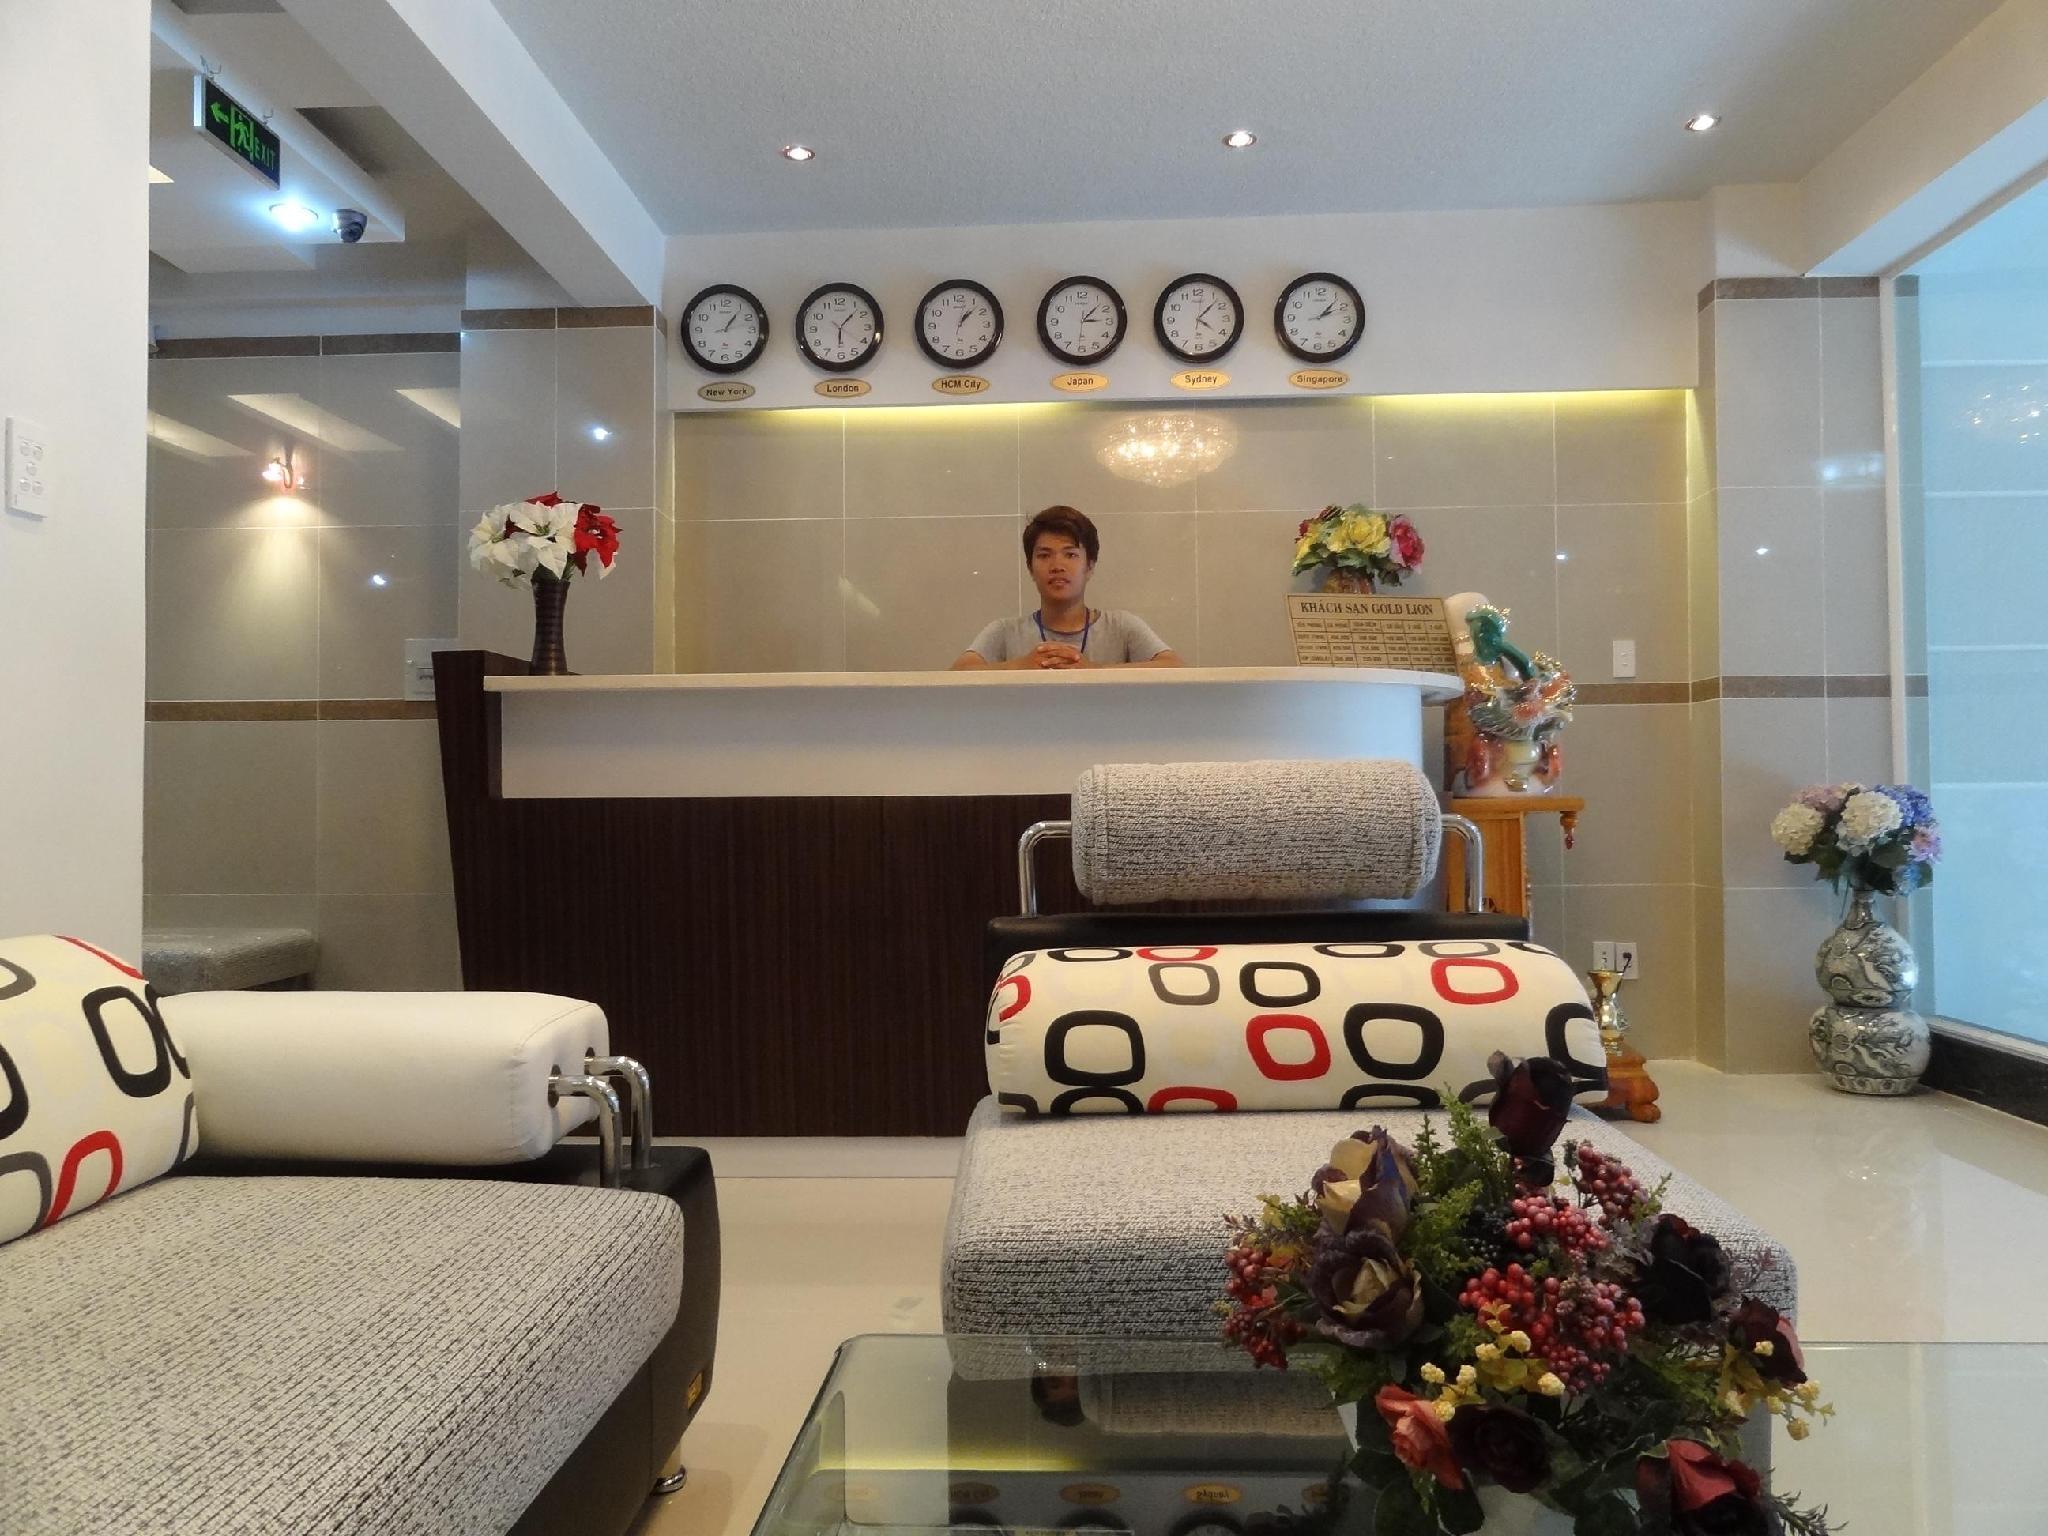 Gold Lion Hotel - Hotell och Boende i Vietnam , Ho Chi Minh City